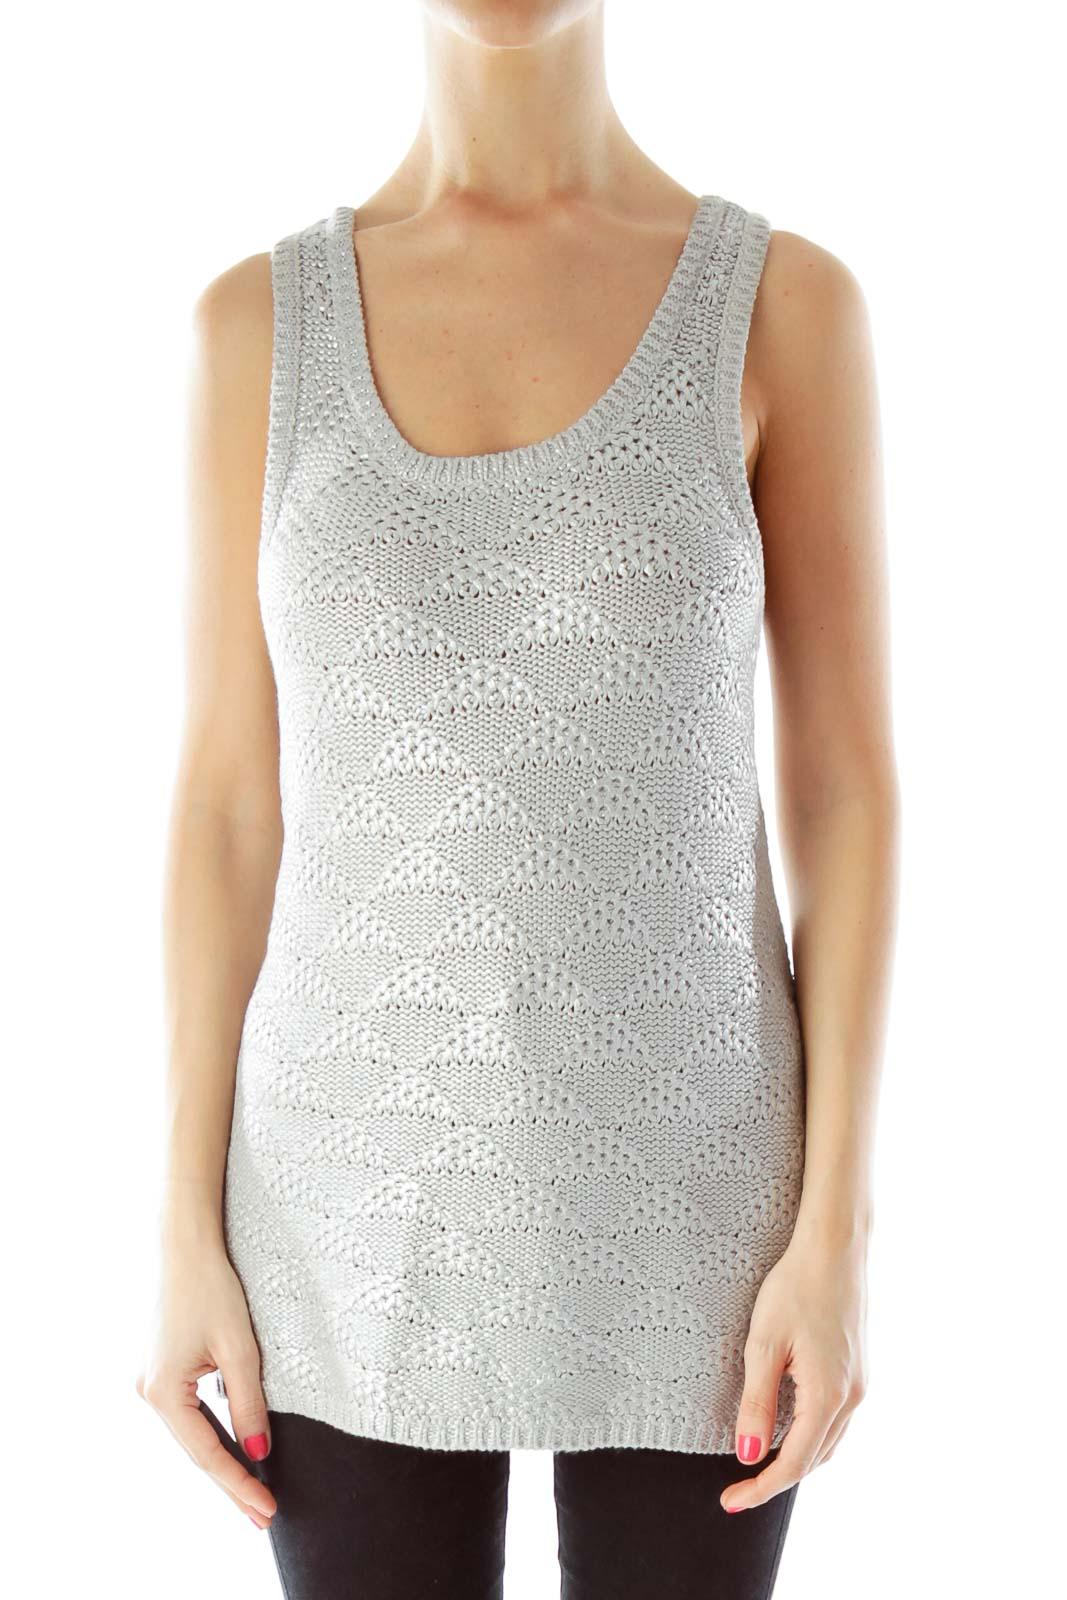 Silver Metallic Knit